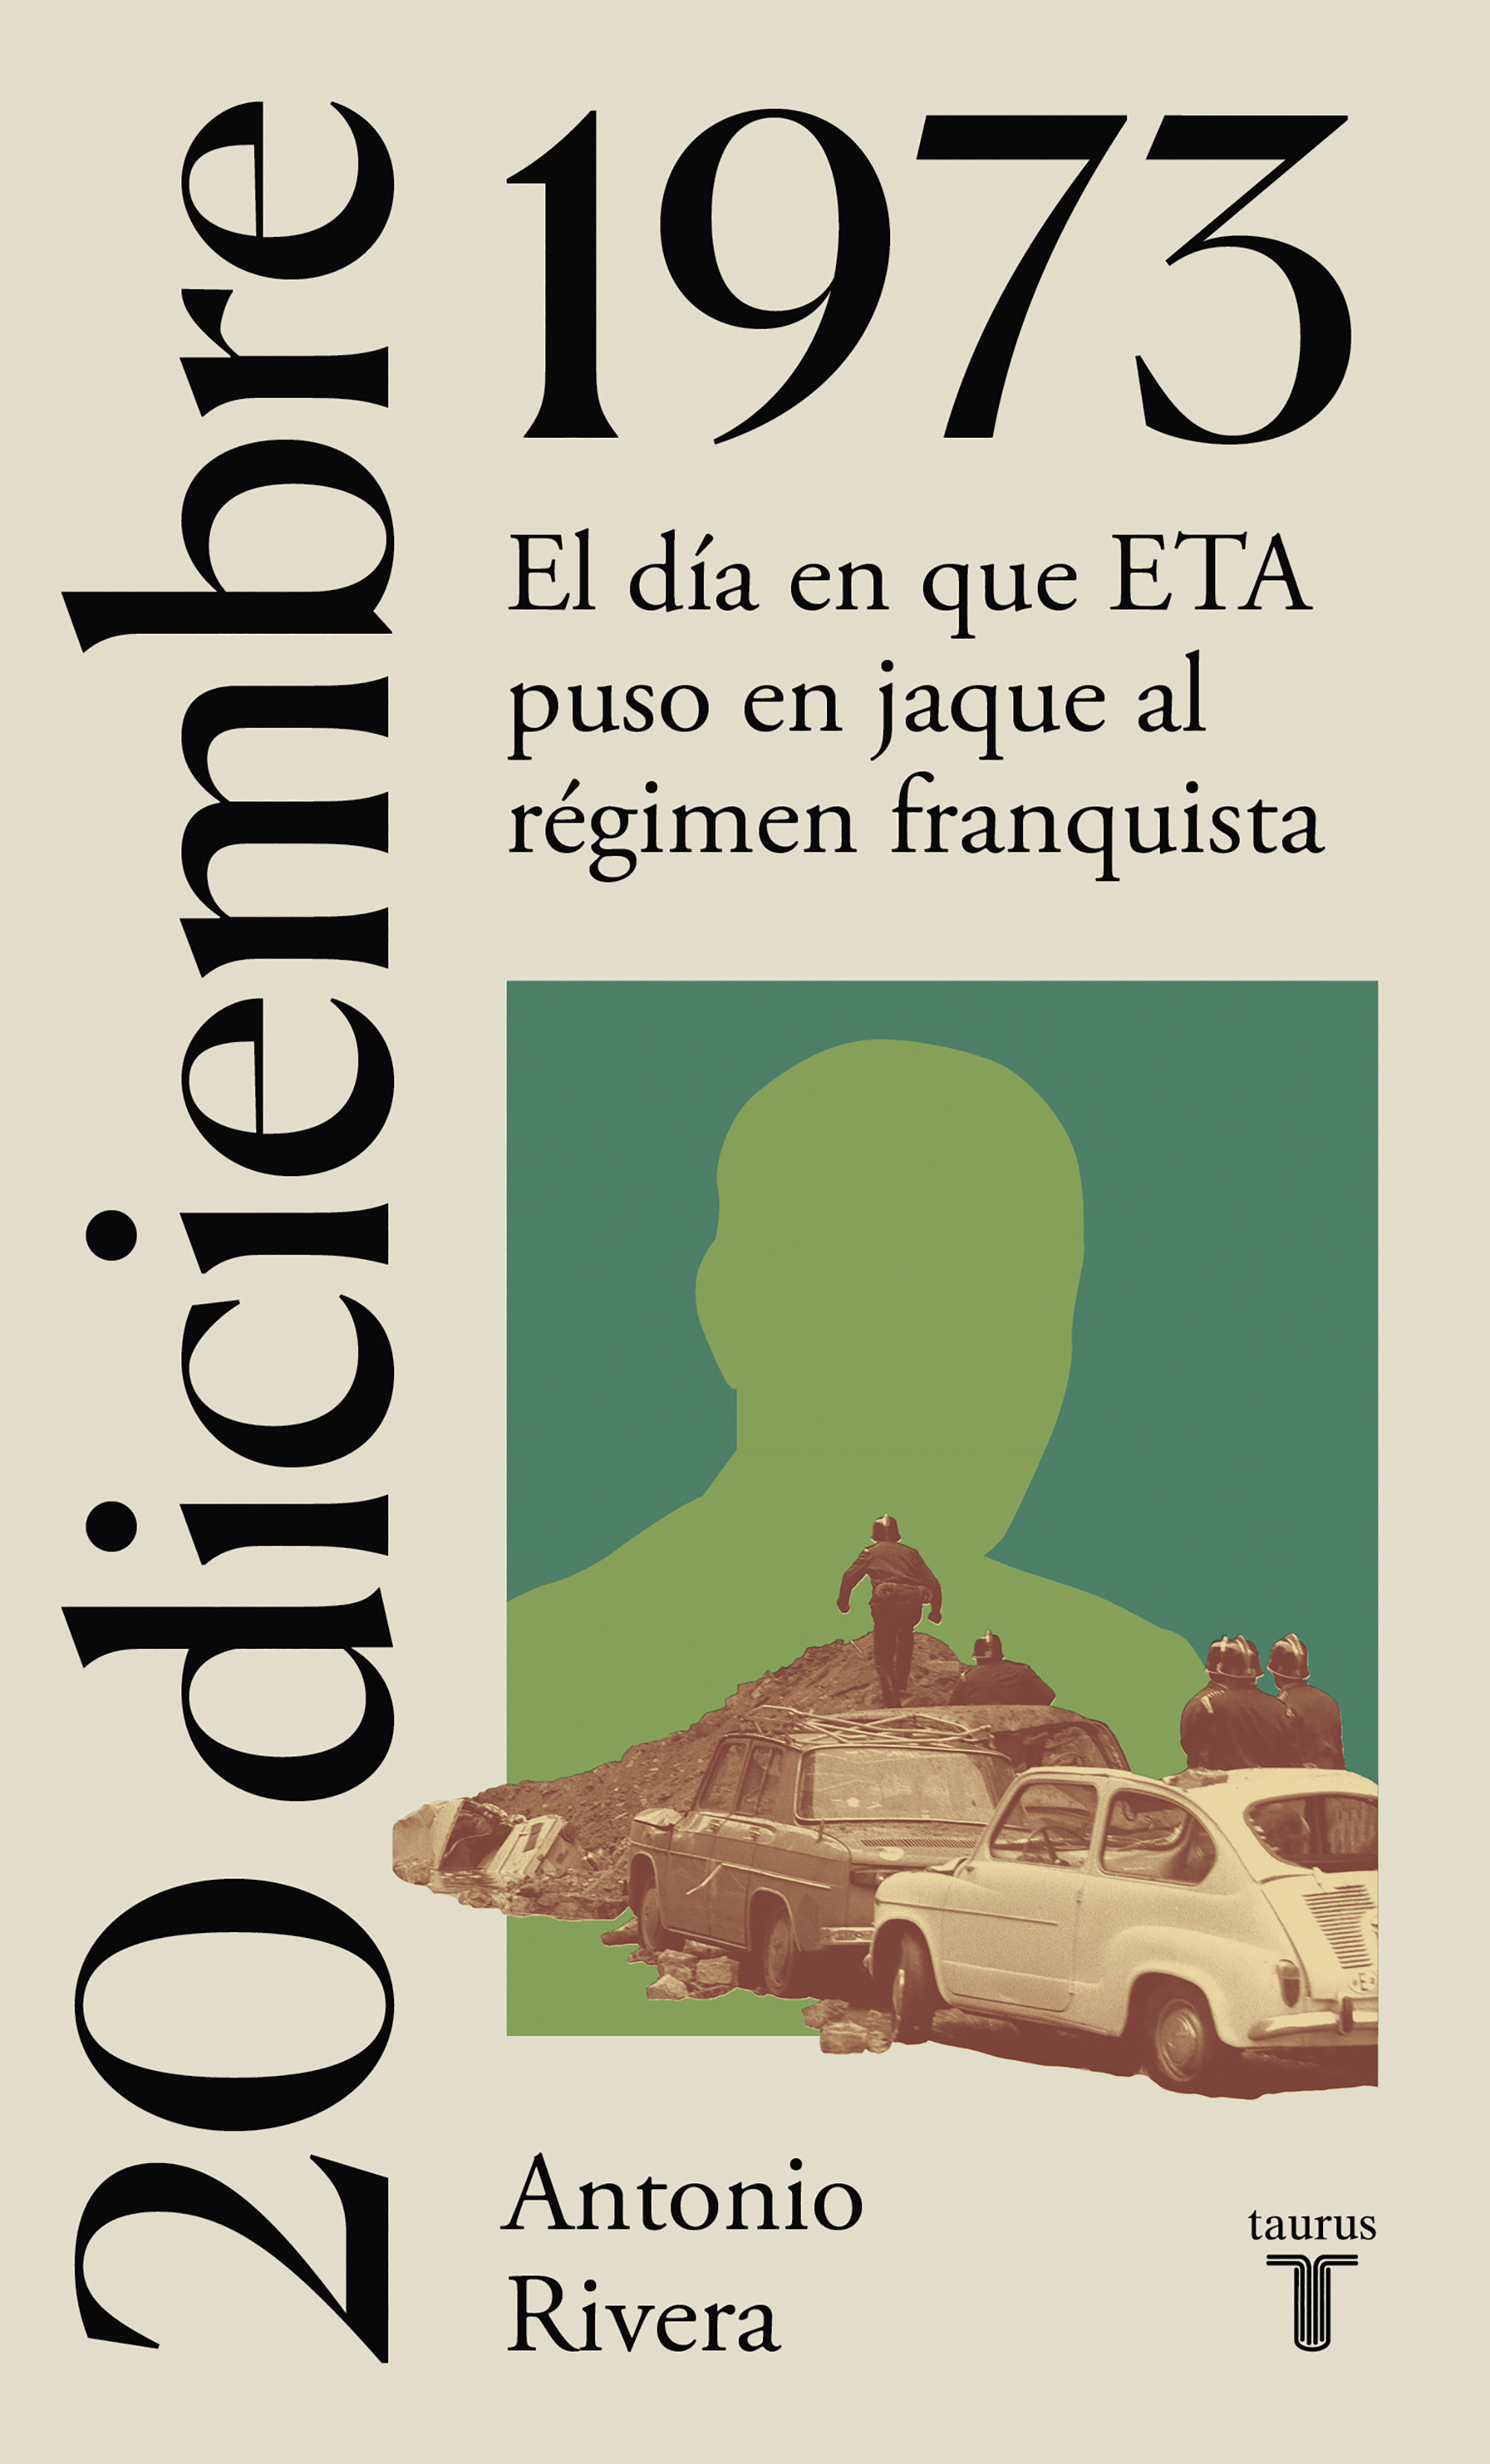 20 de diciembre de 1973 (La España del siglo XX en siete días)